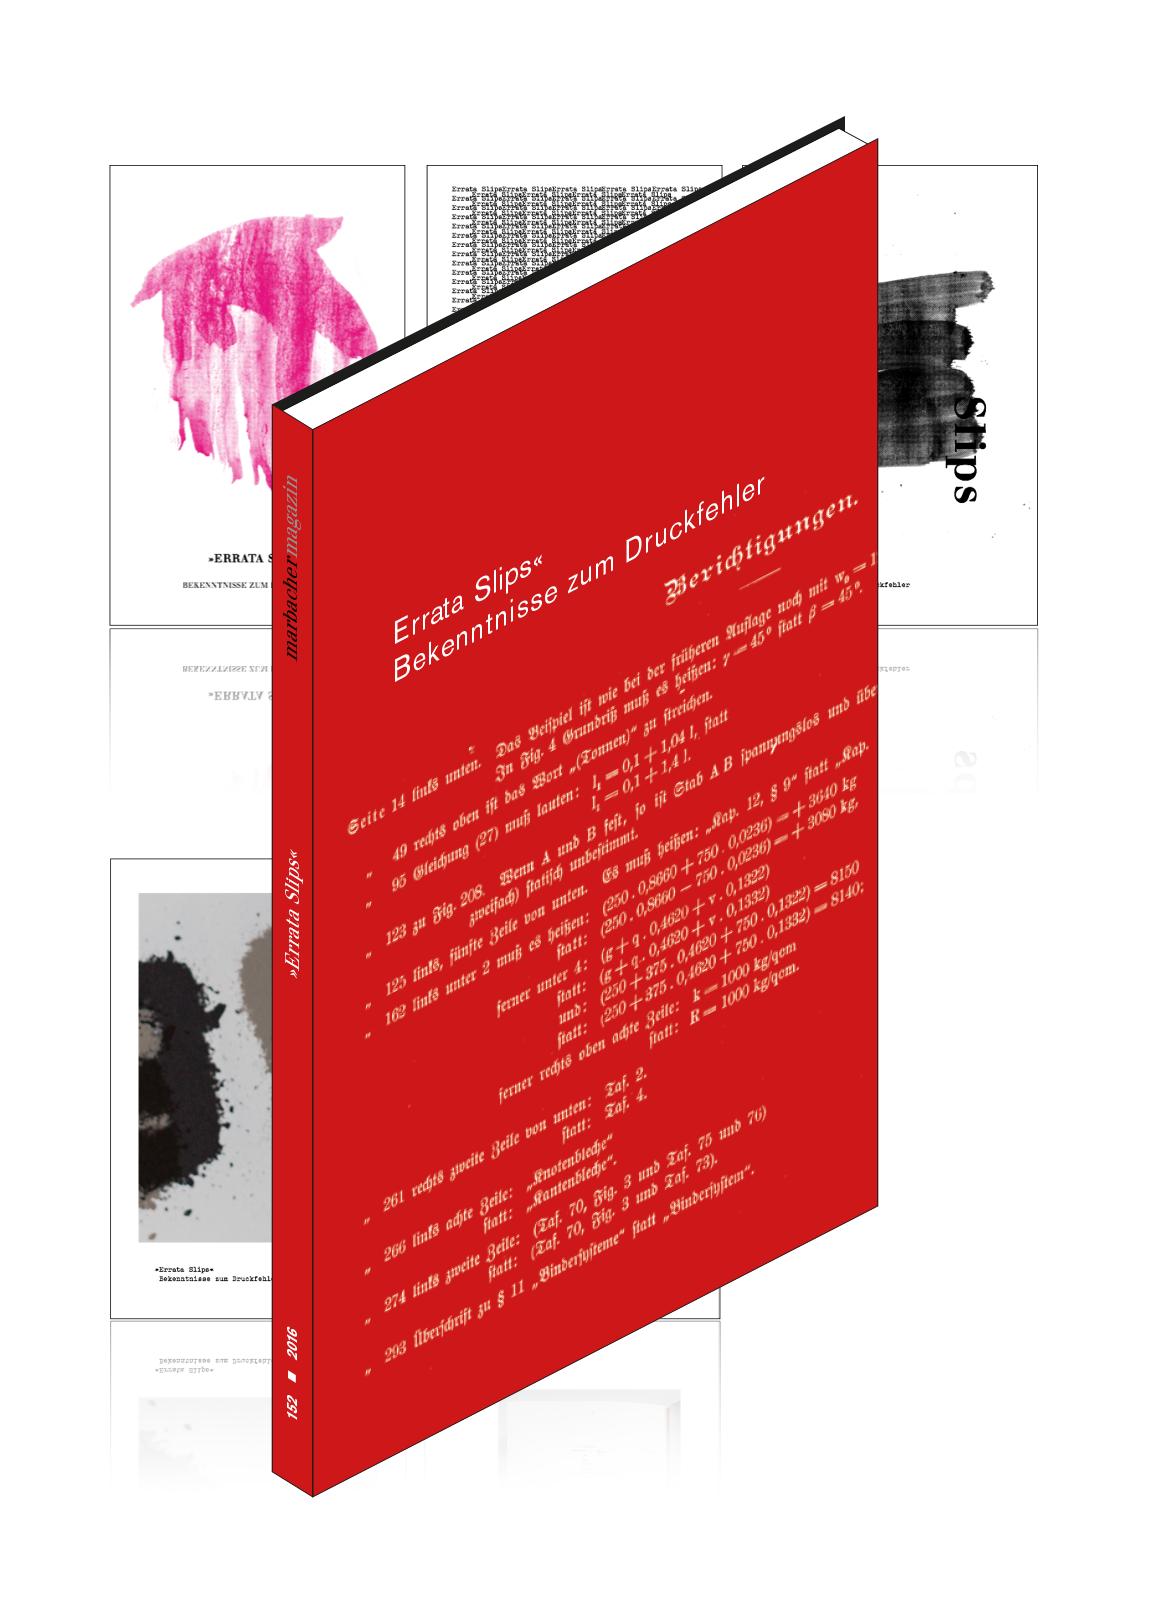 Engenhart Deutsches Literaturarchiv Marbach Design Tender